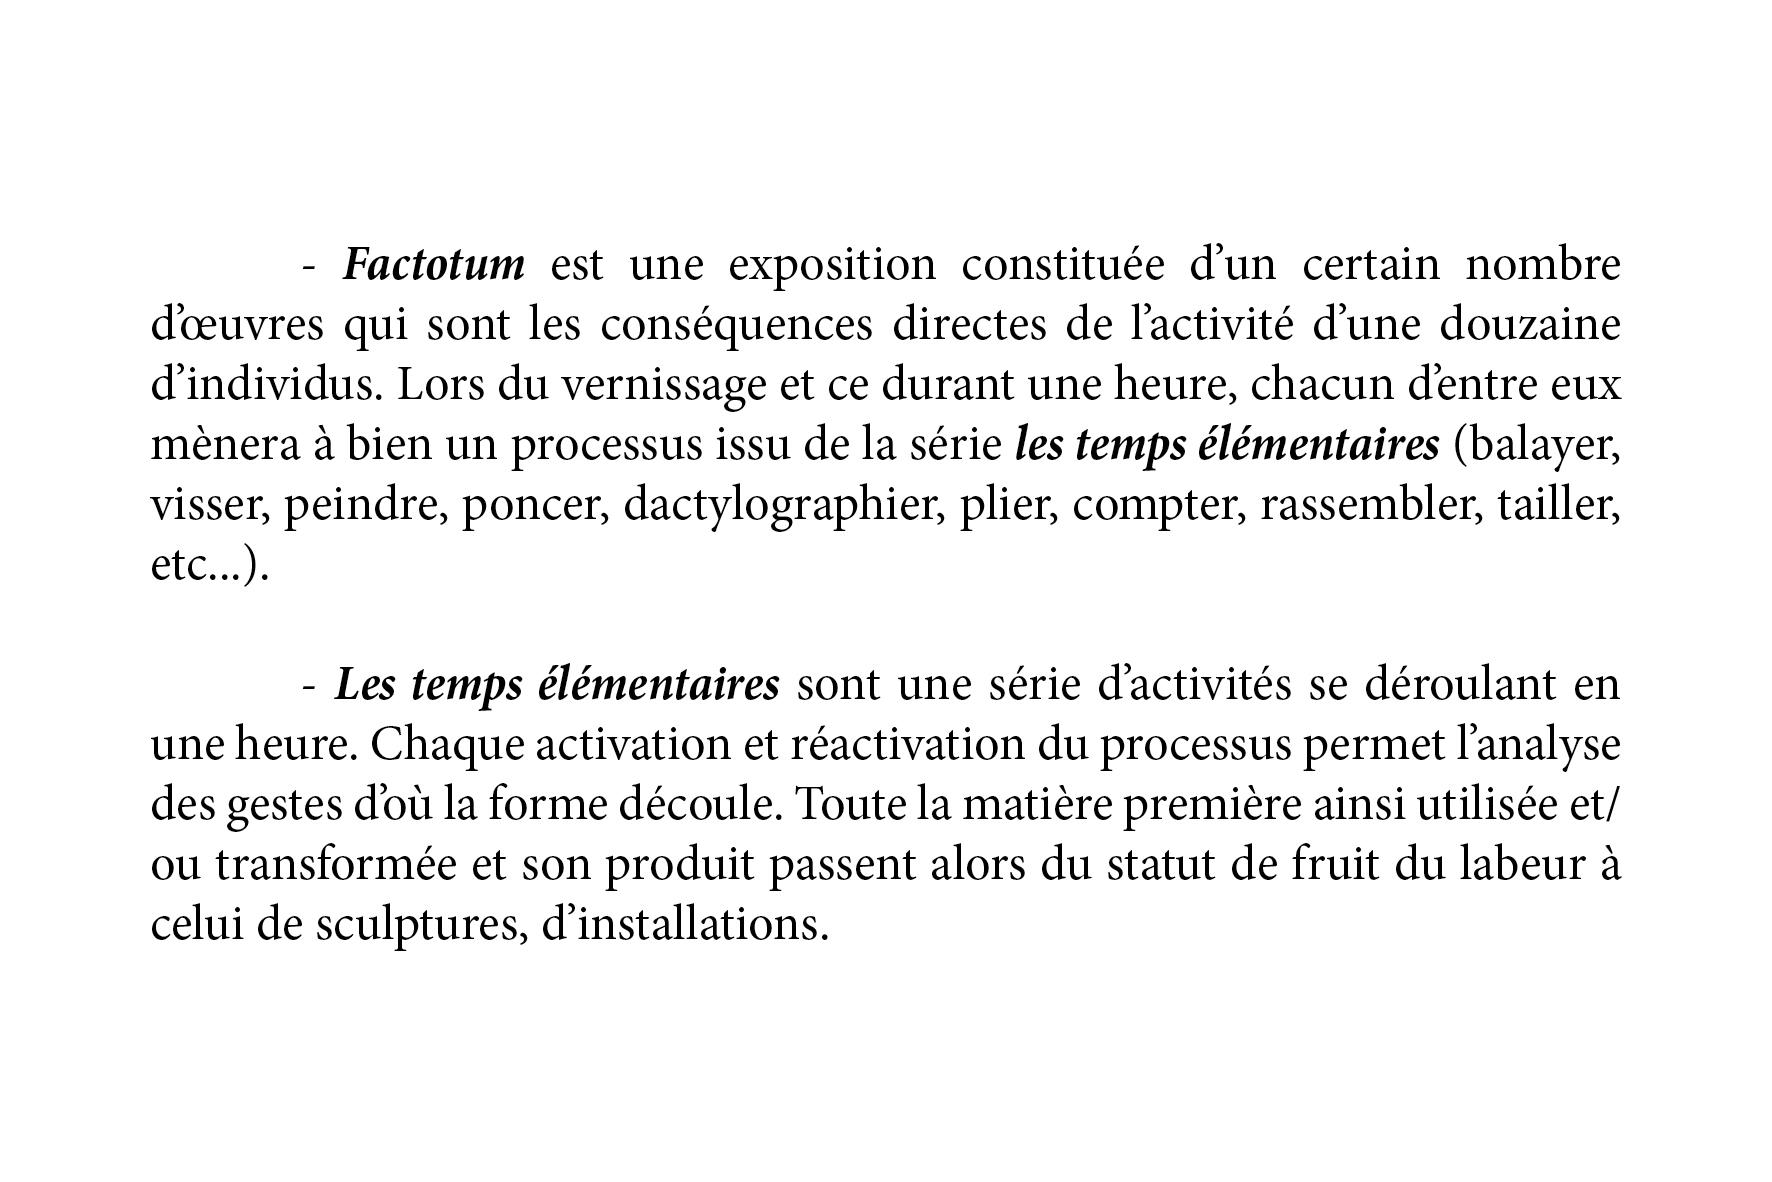 Carton Factotum2